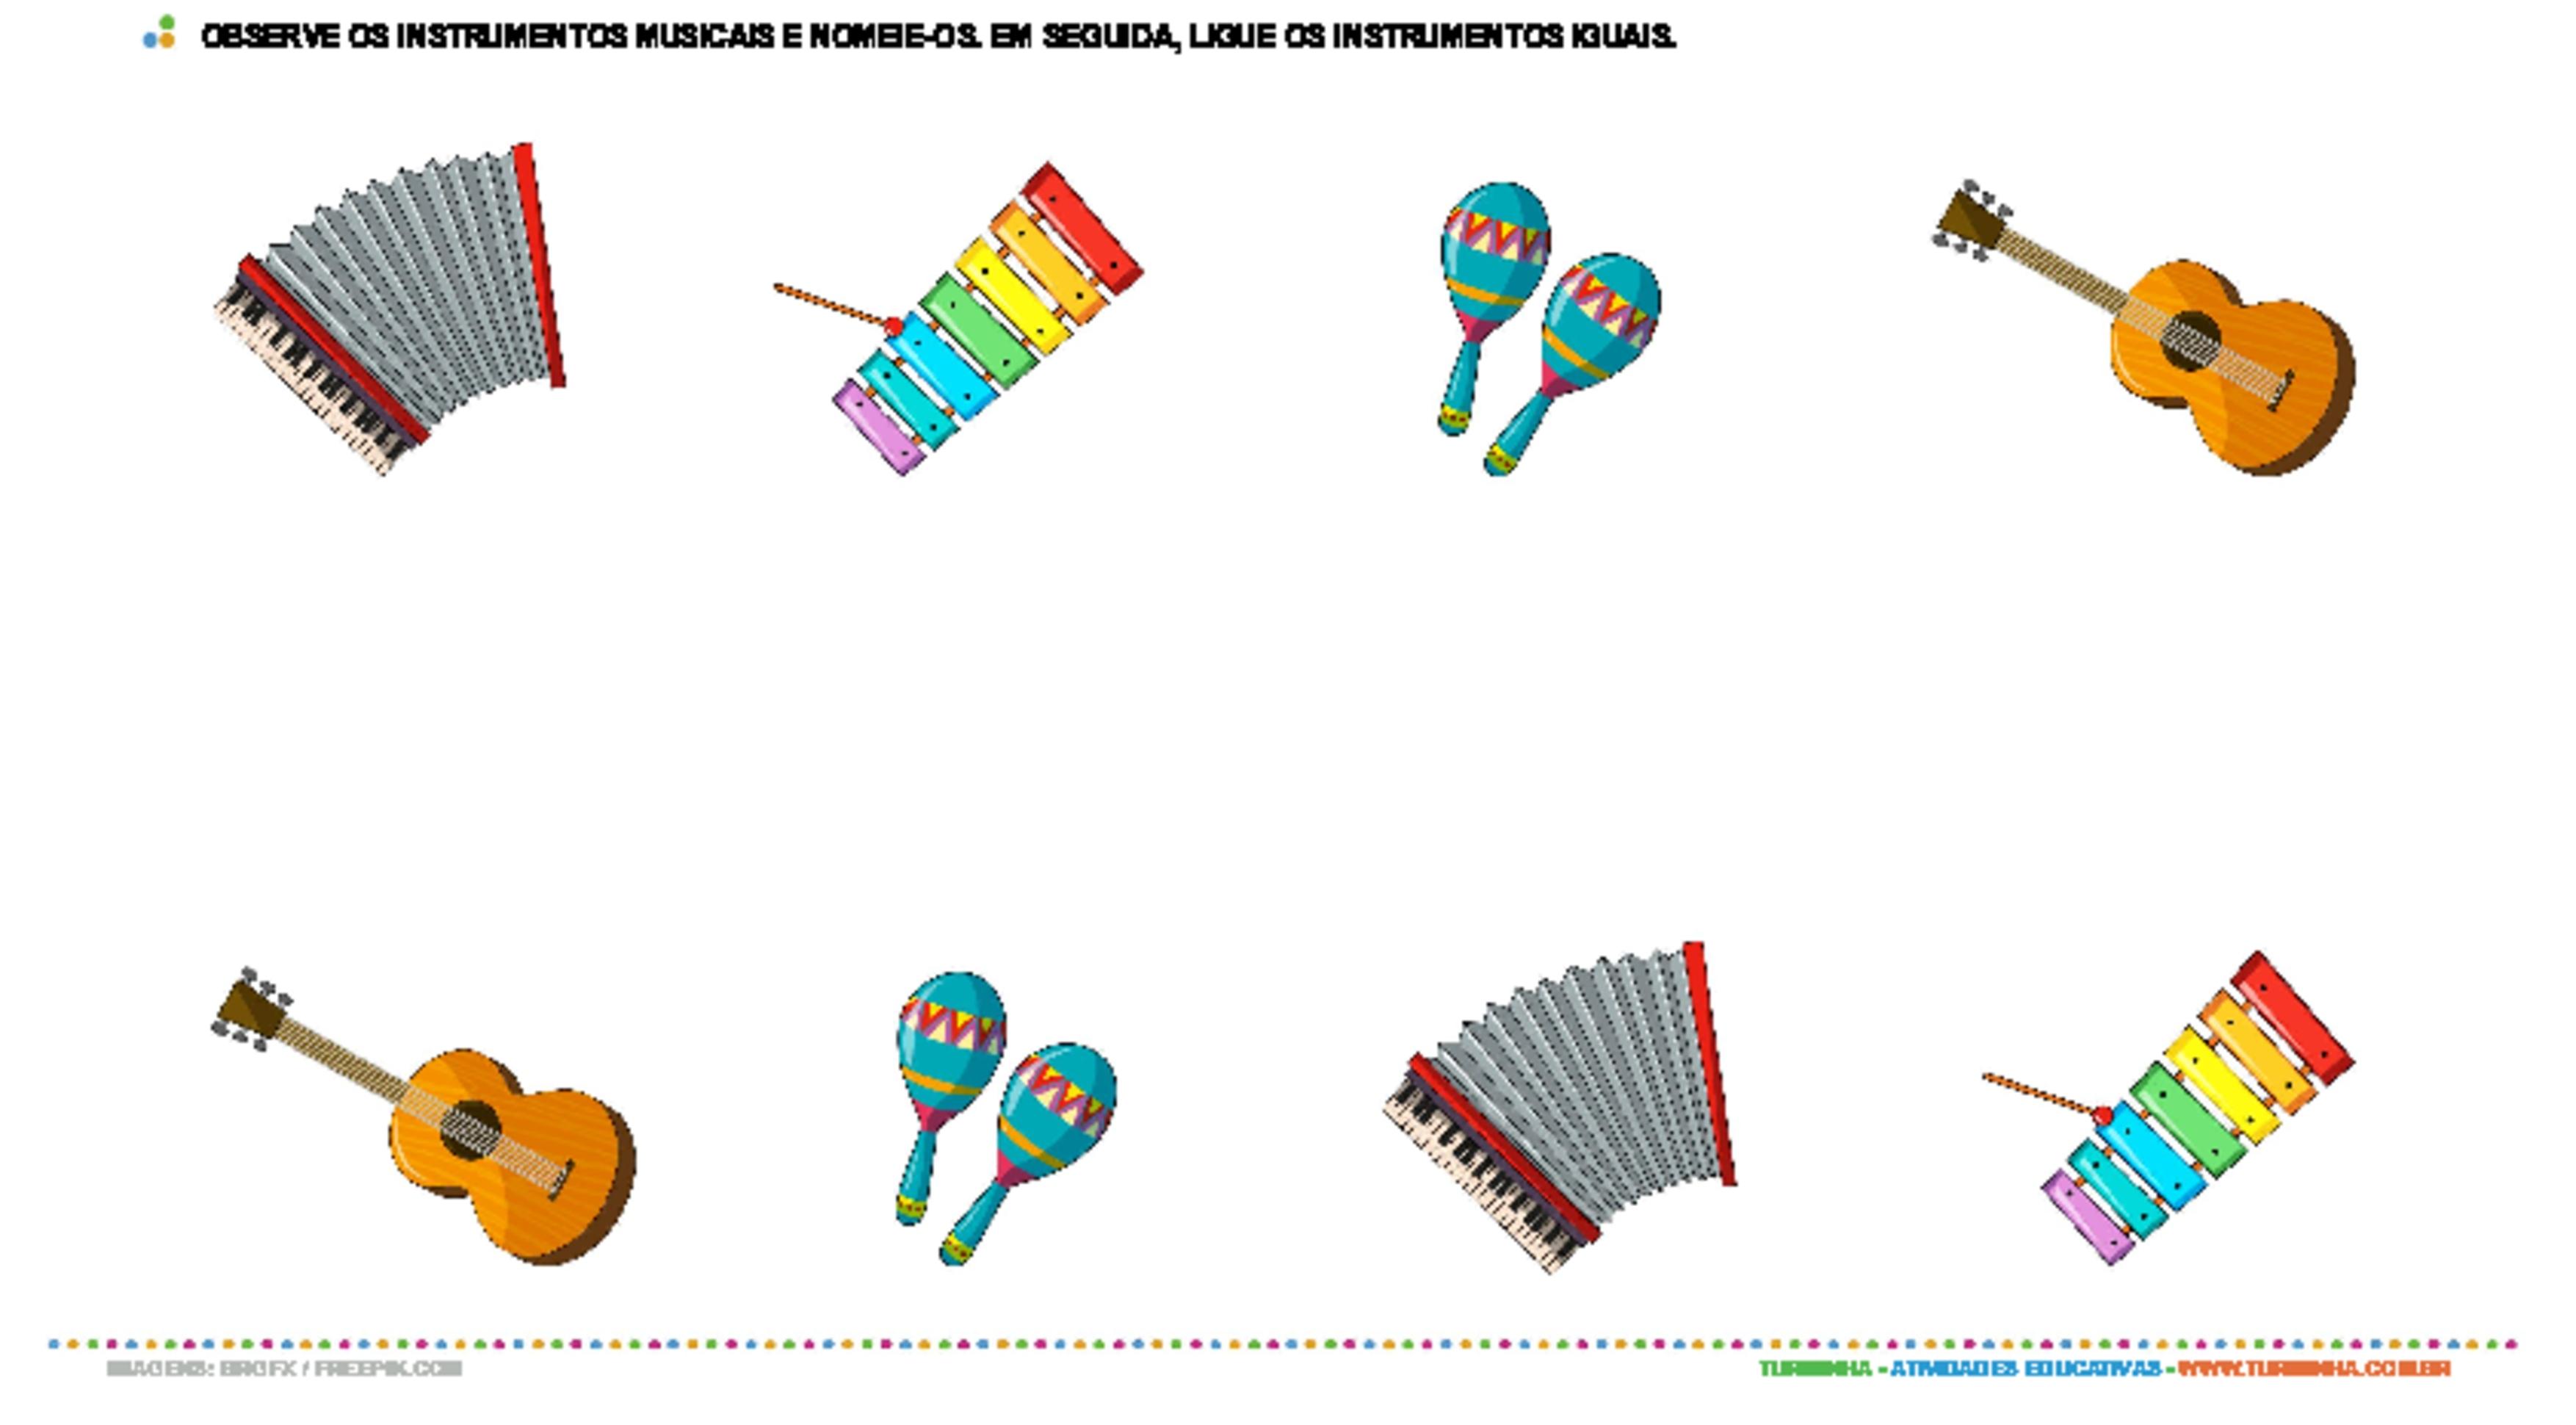 Ligando os instrumentos musicais iguais - atividade educativa para Pré-Escola (4 e 5 anos)